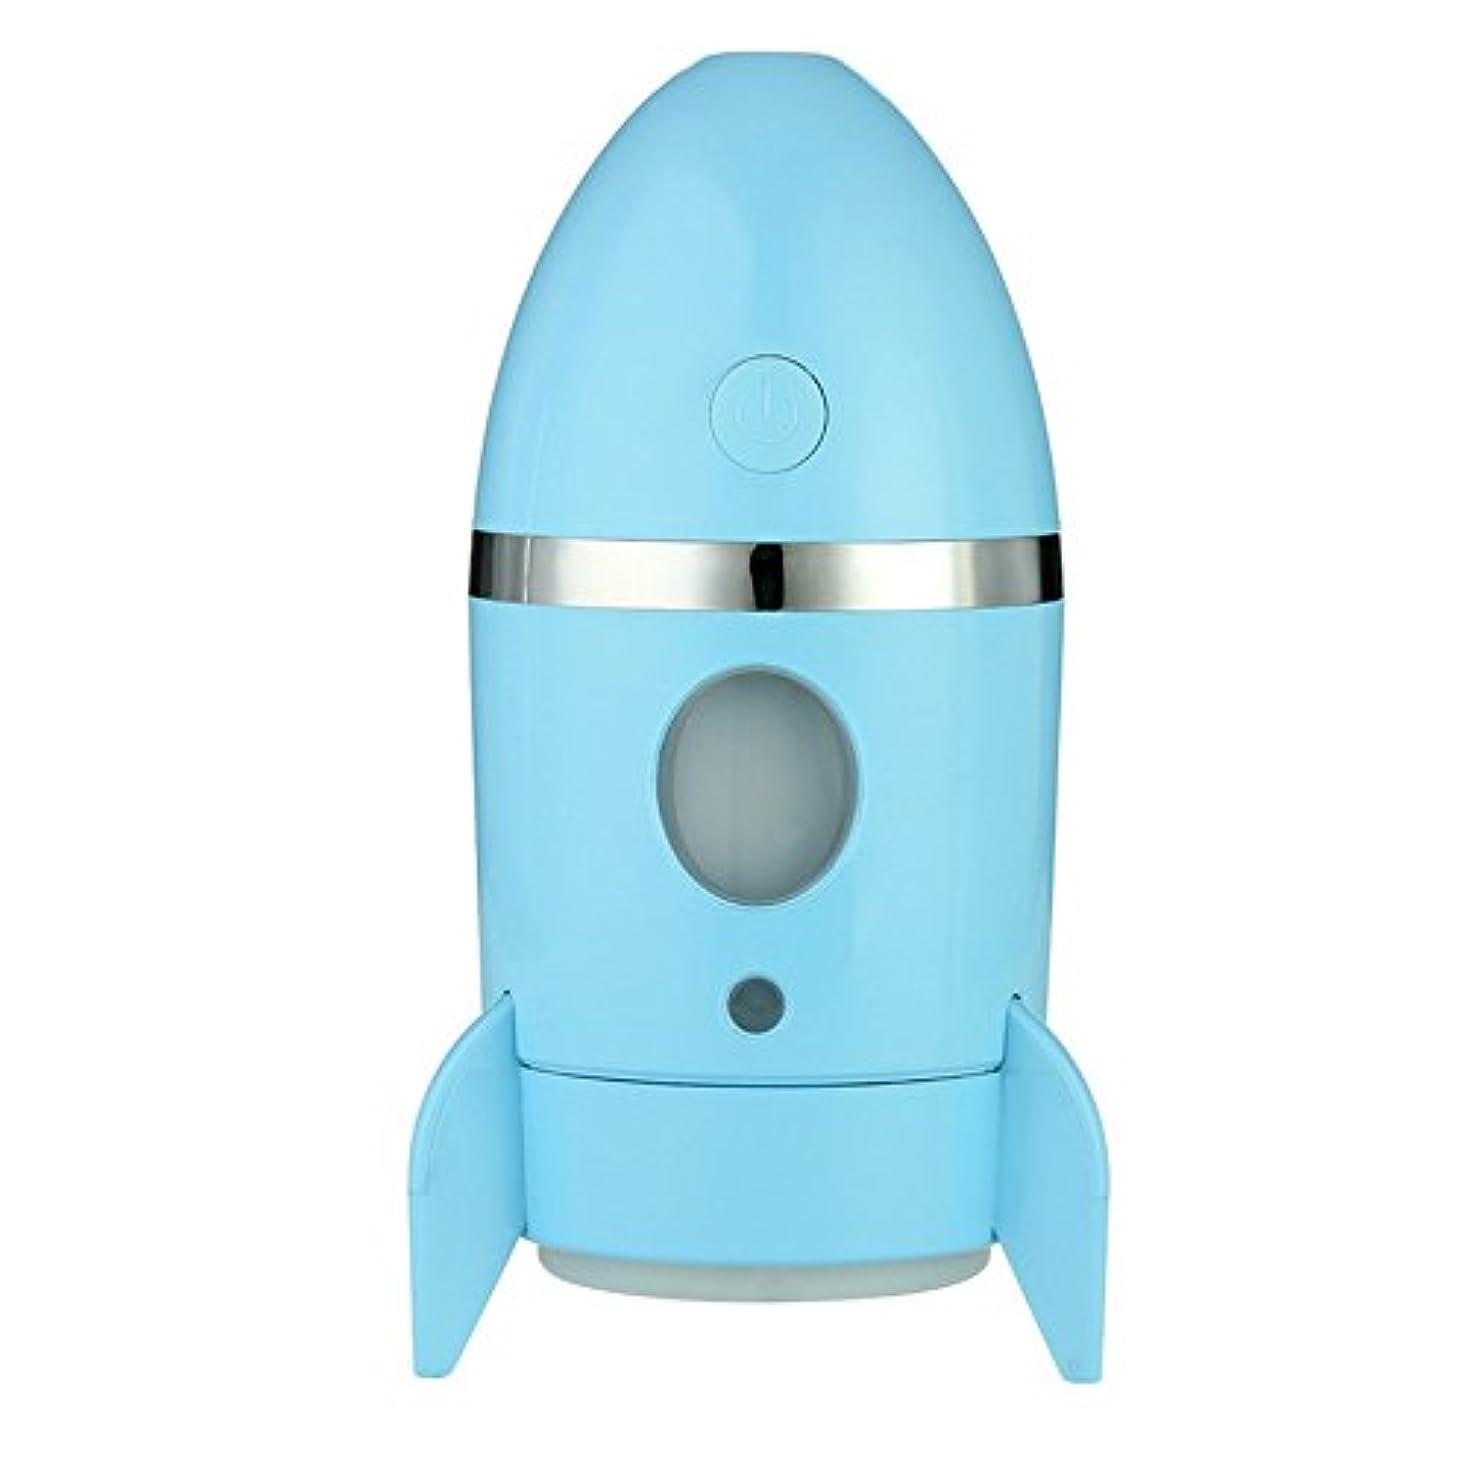 抑圧シャーロックホームズ販売計画Lazayyii USBミニ加湿器 超音波 エッセンシャルオイル ミスト (ブルー)